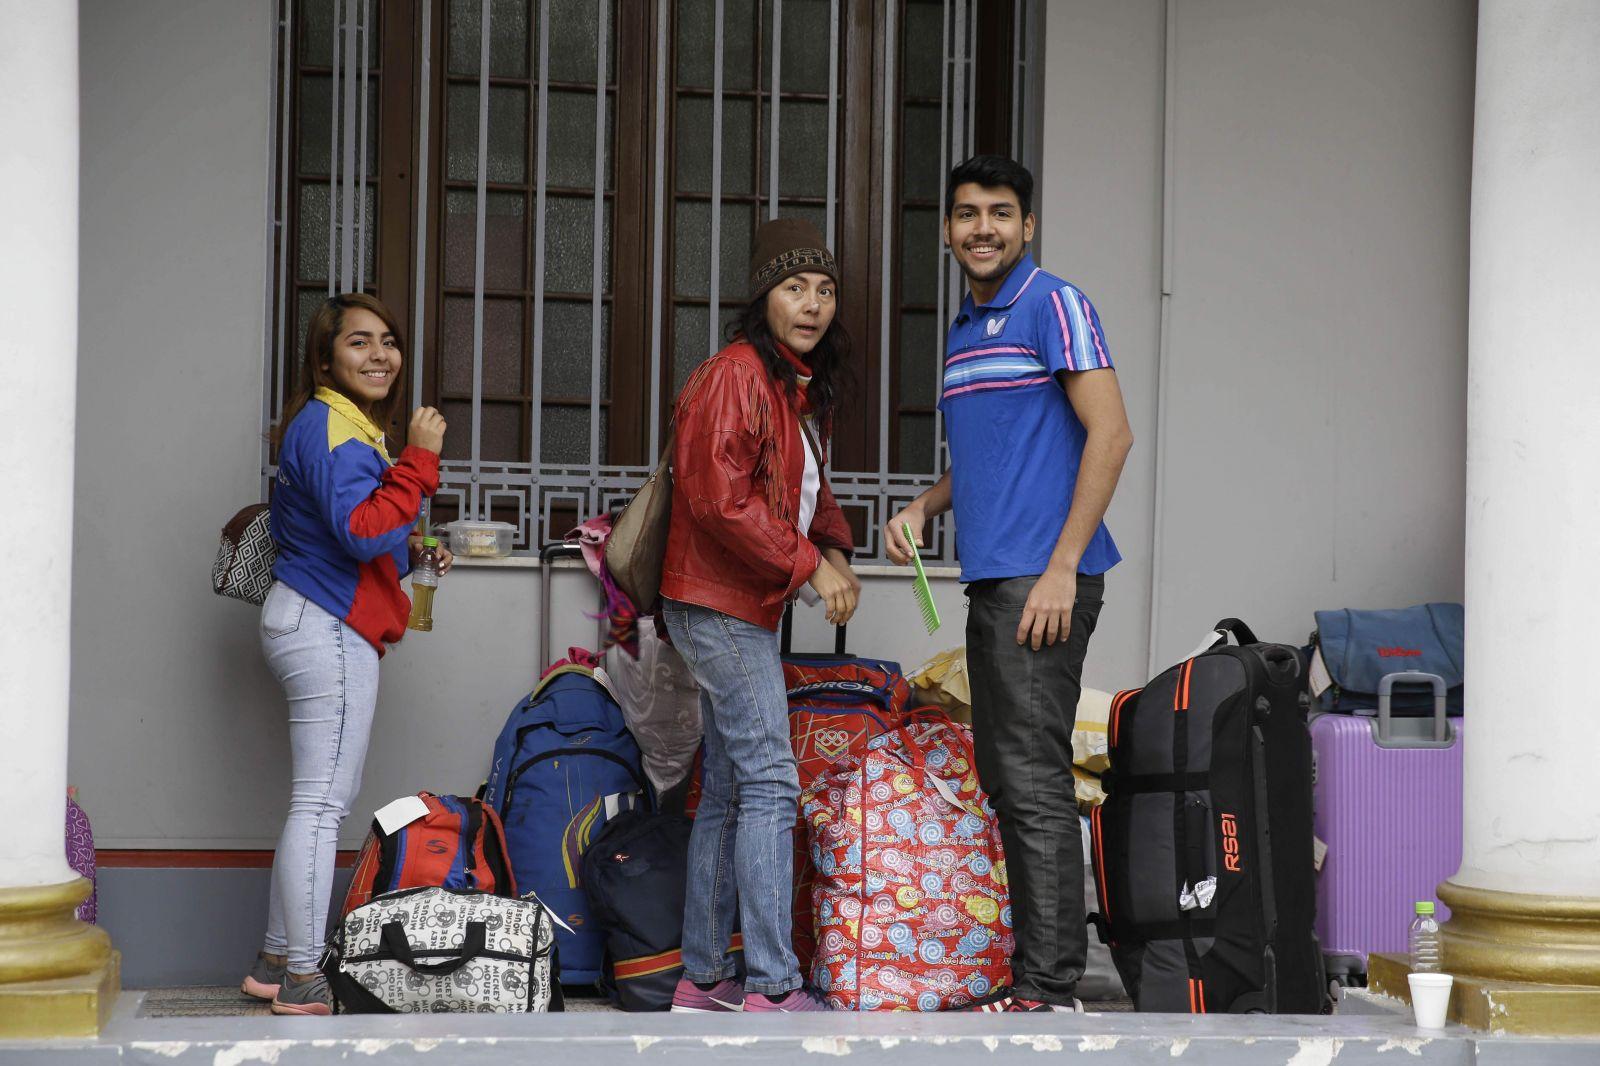 委內瑞拉人大逃亡 南美洲恐爆移民危機